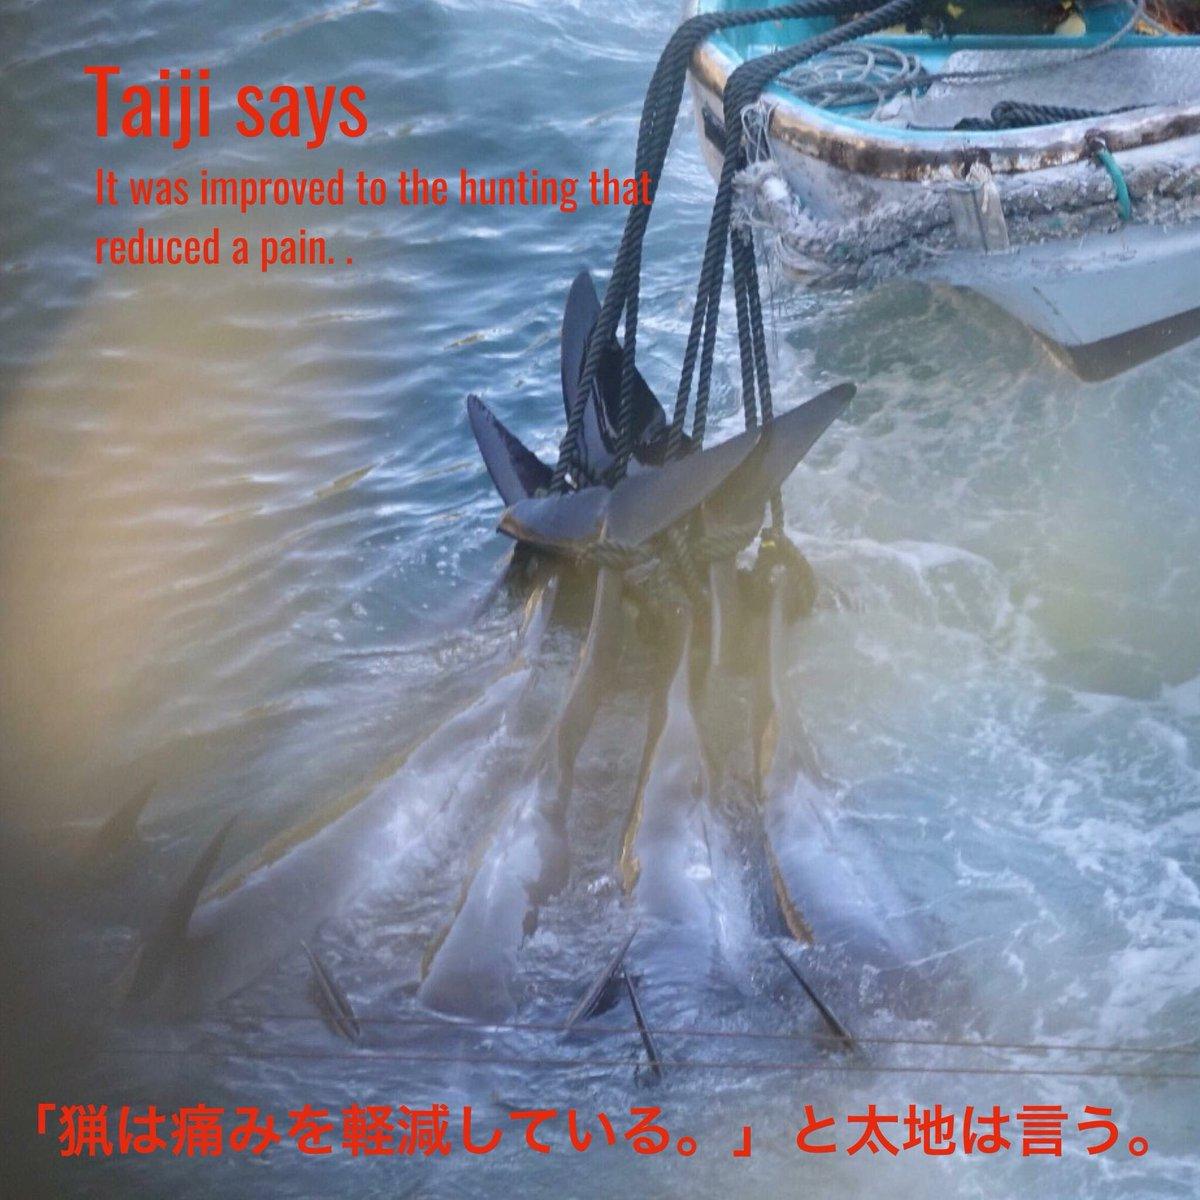 まだ生きています。 They still live. 💔💔💔💔💔😢😢😢😢😢 #thecove  #tweet4dolphins  #EmptyTheTanks  #dontbuyaticket...